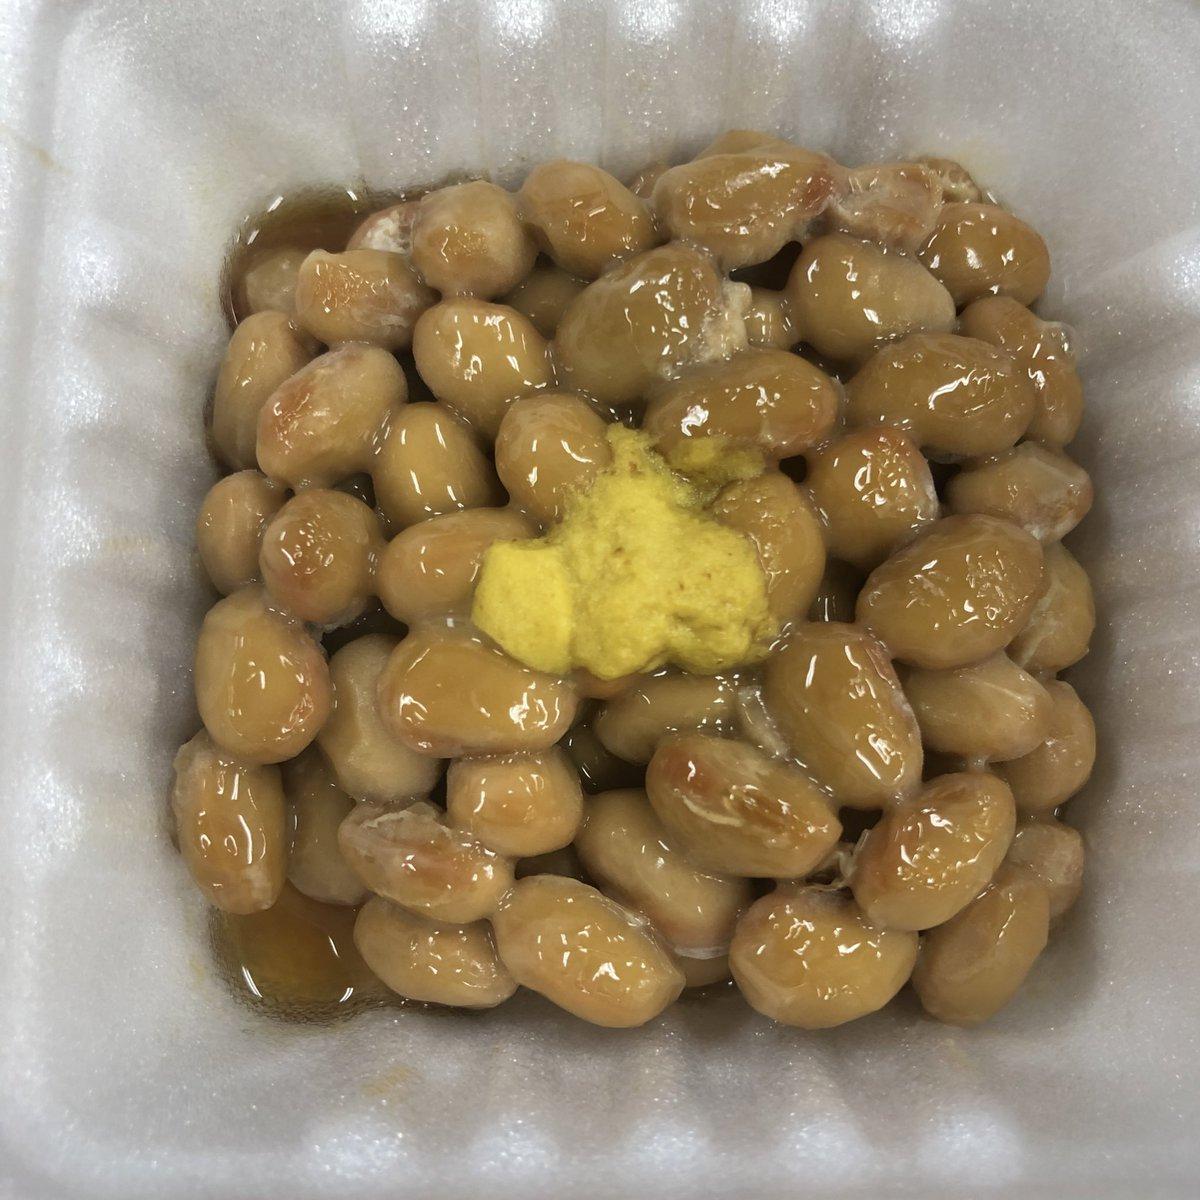 納豆、2時間混ぜた結果がこちら😃